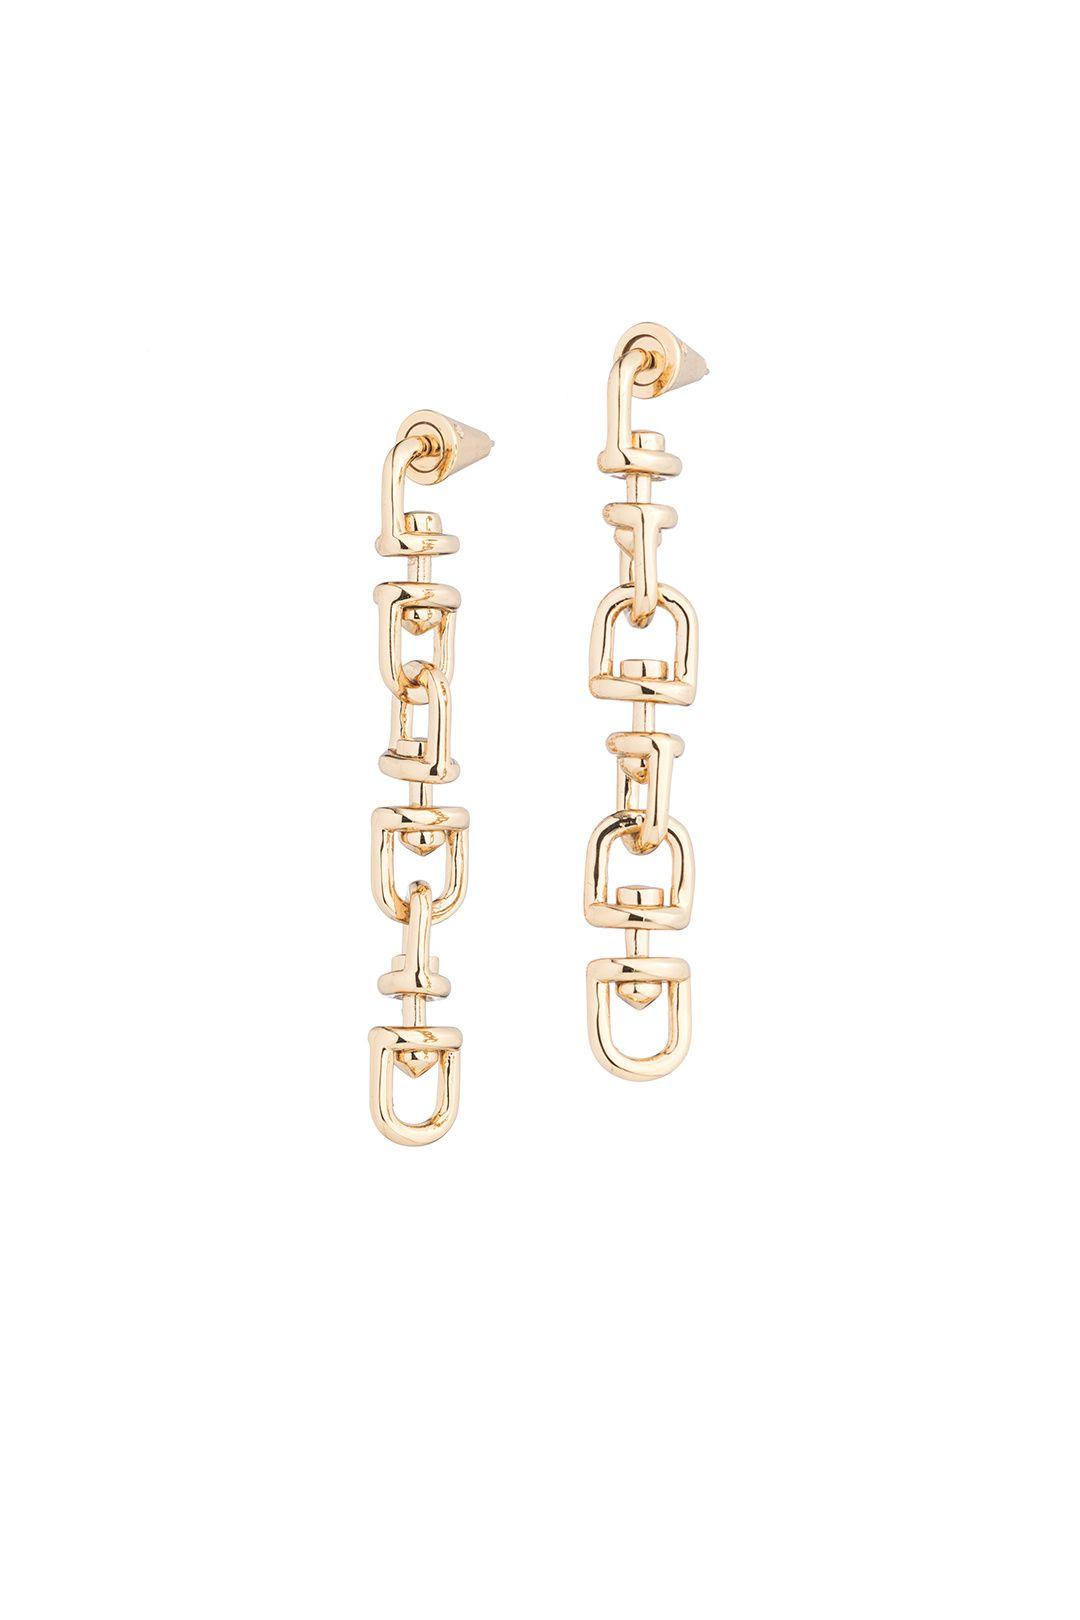 Link Earrings by Eddie Borgo